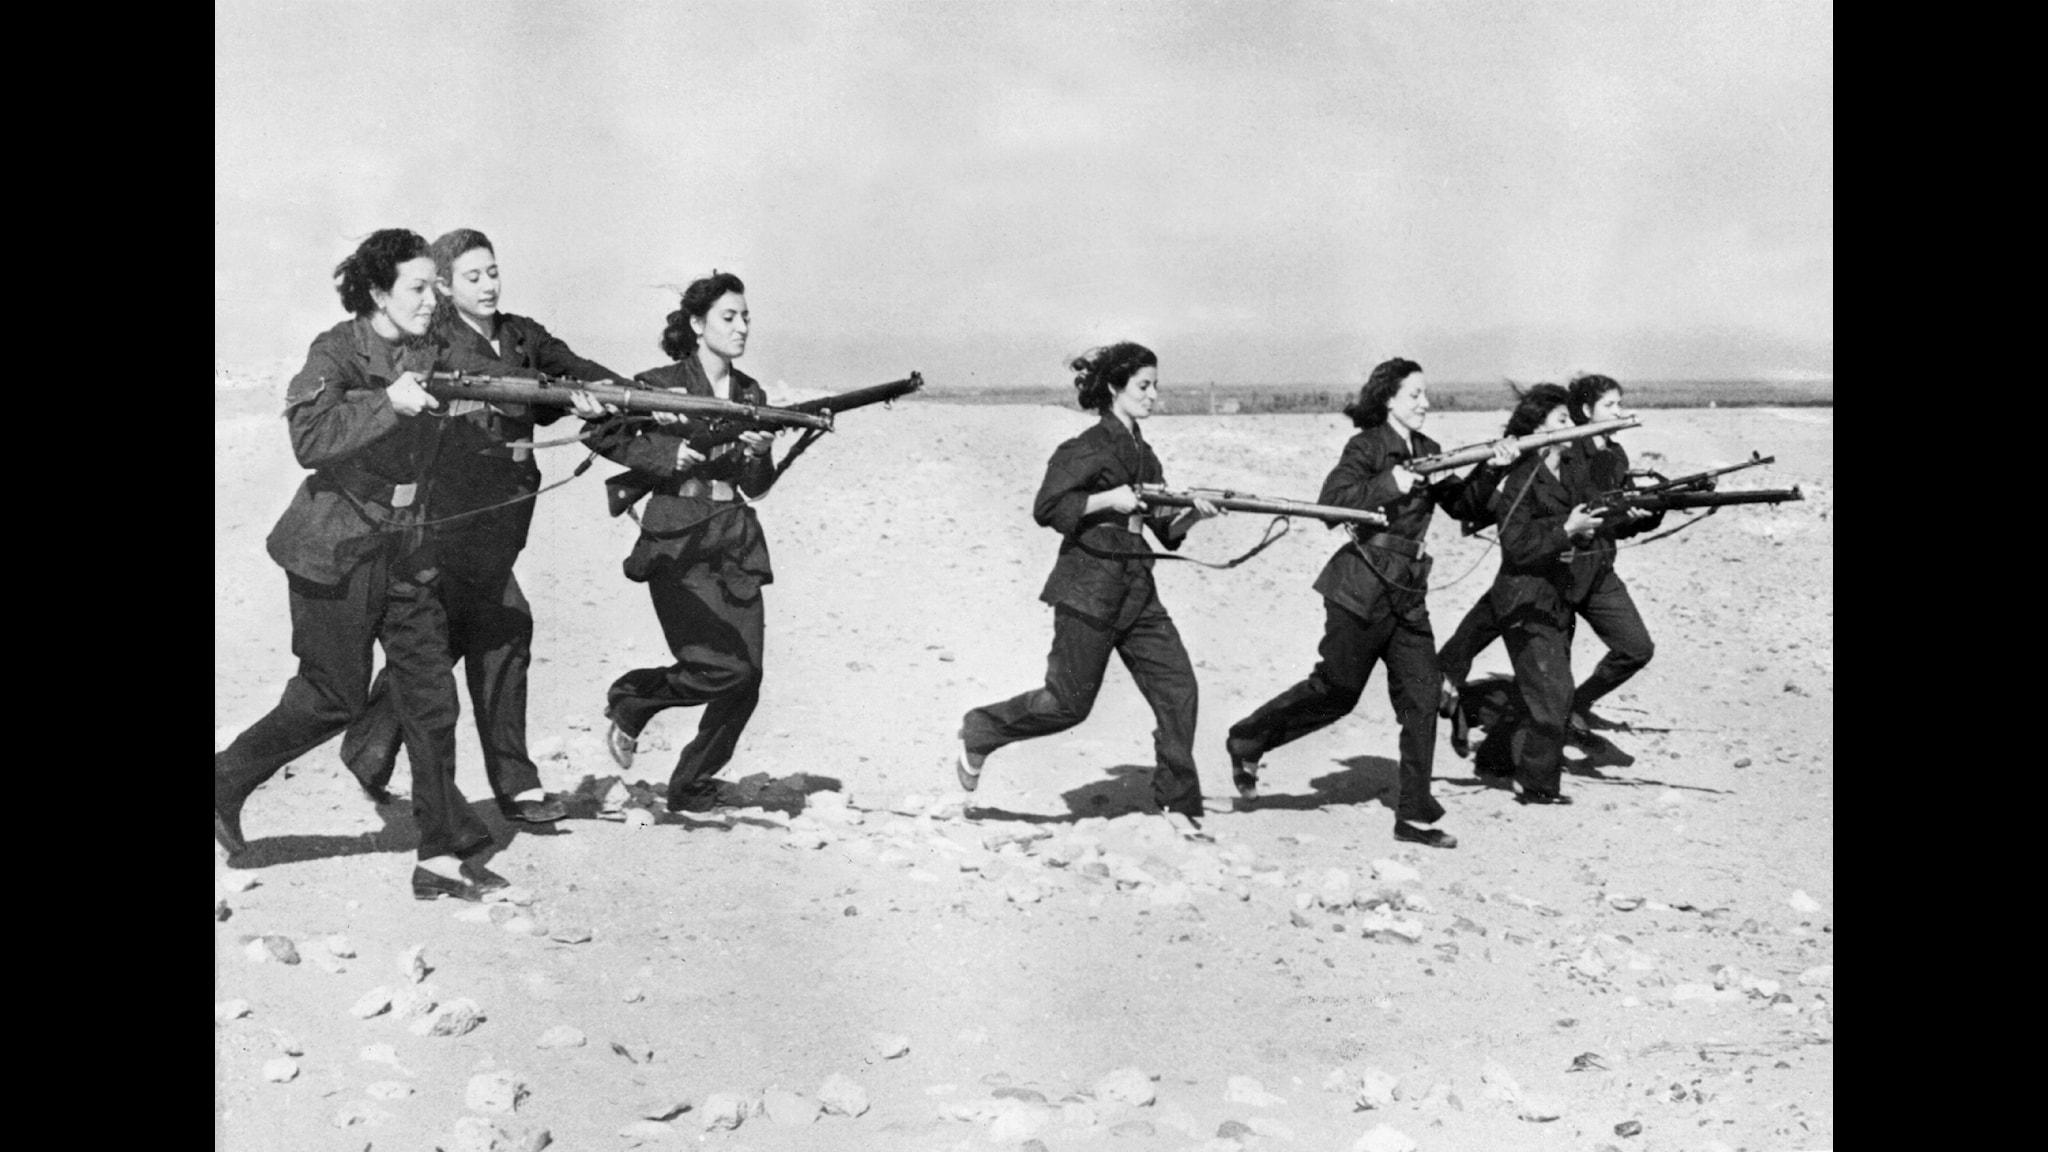 Kvinnor har kämpat i alla krig, här vid Suez 1951. Foto: SVT Bild